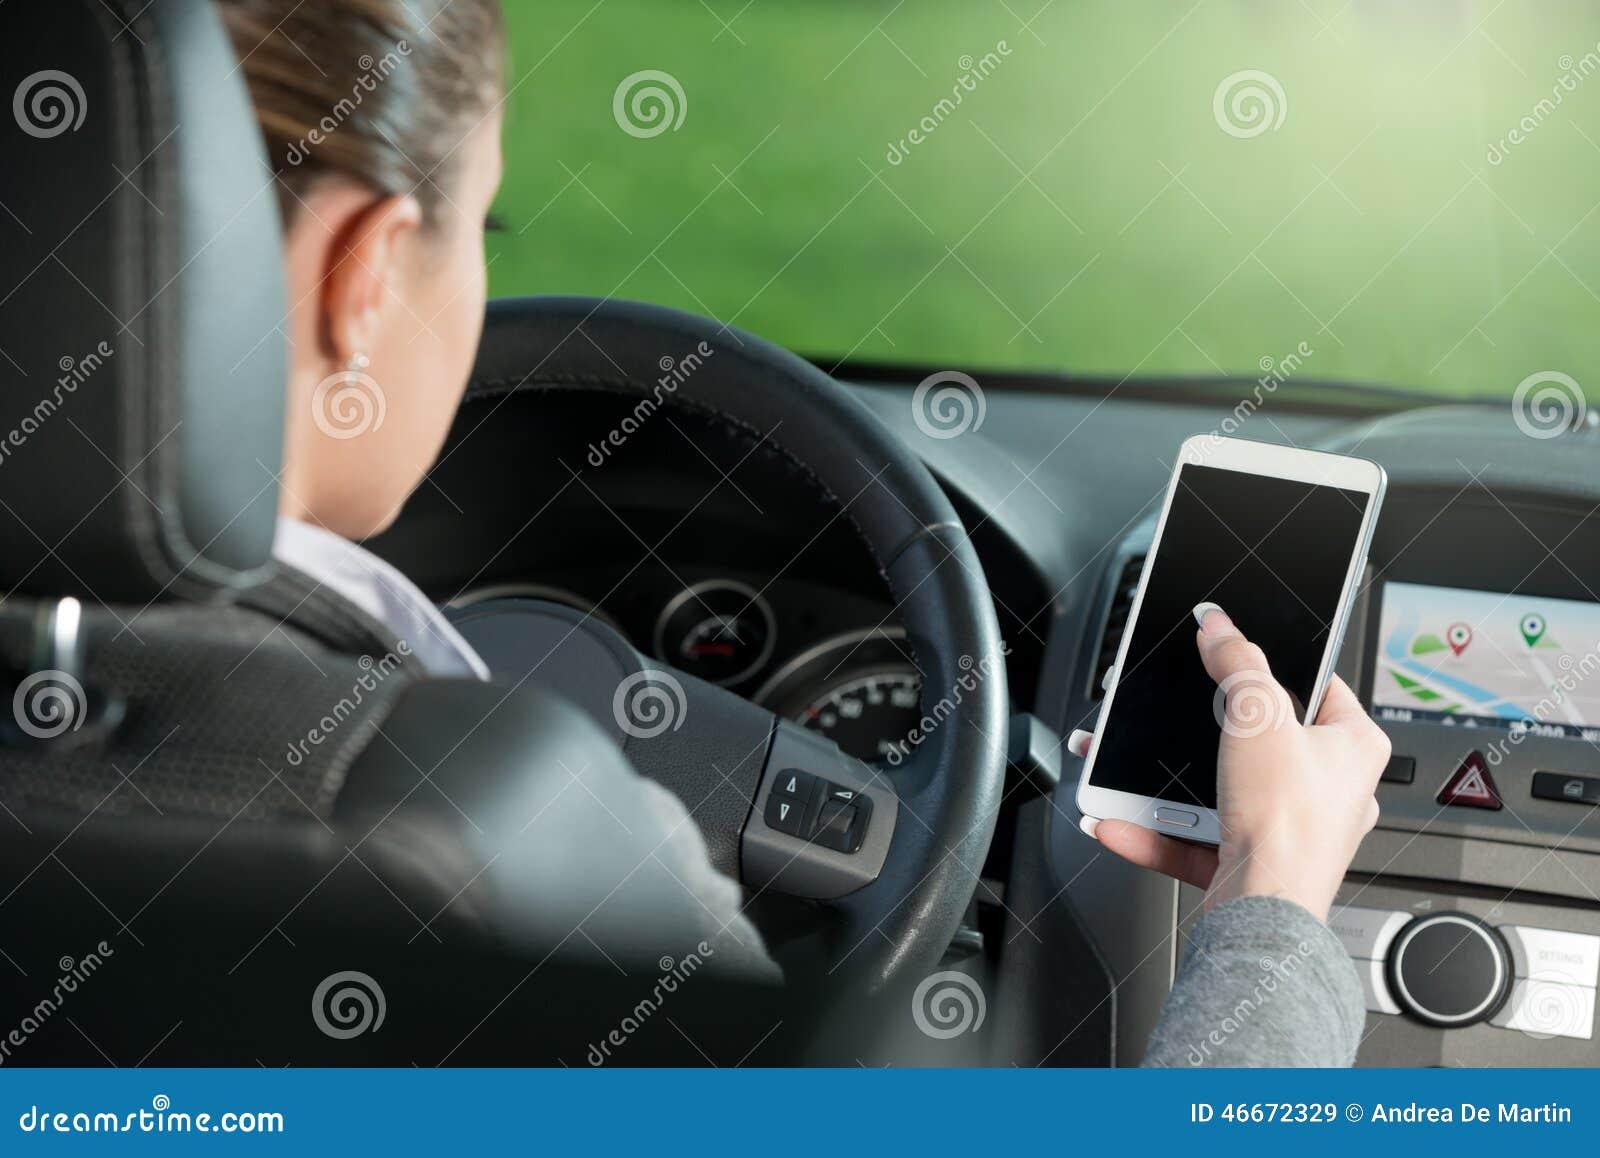 Navigation driver